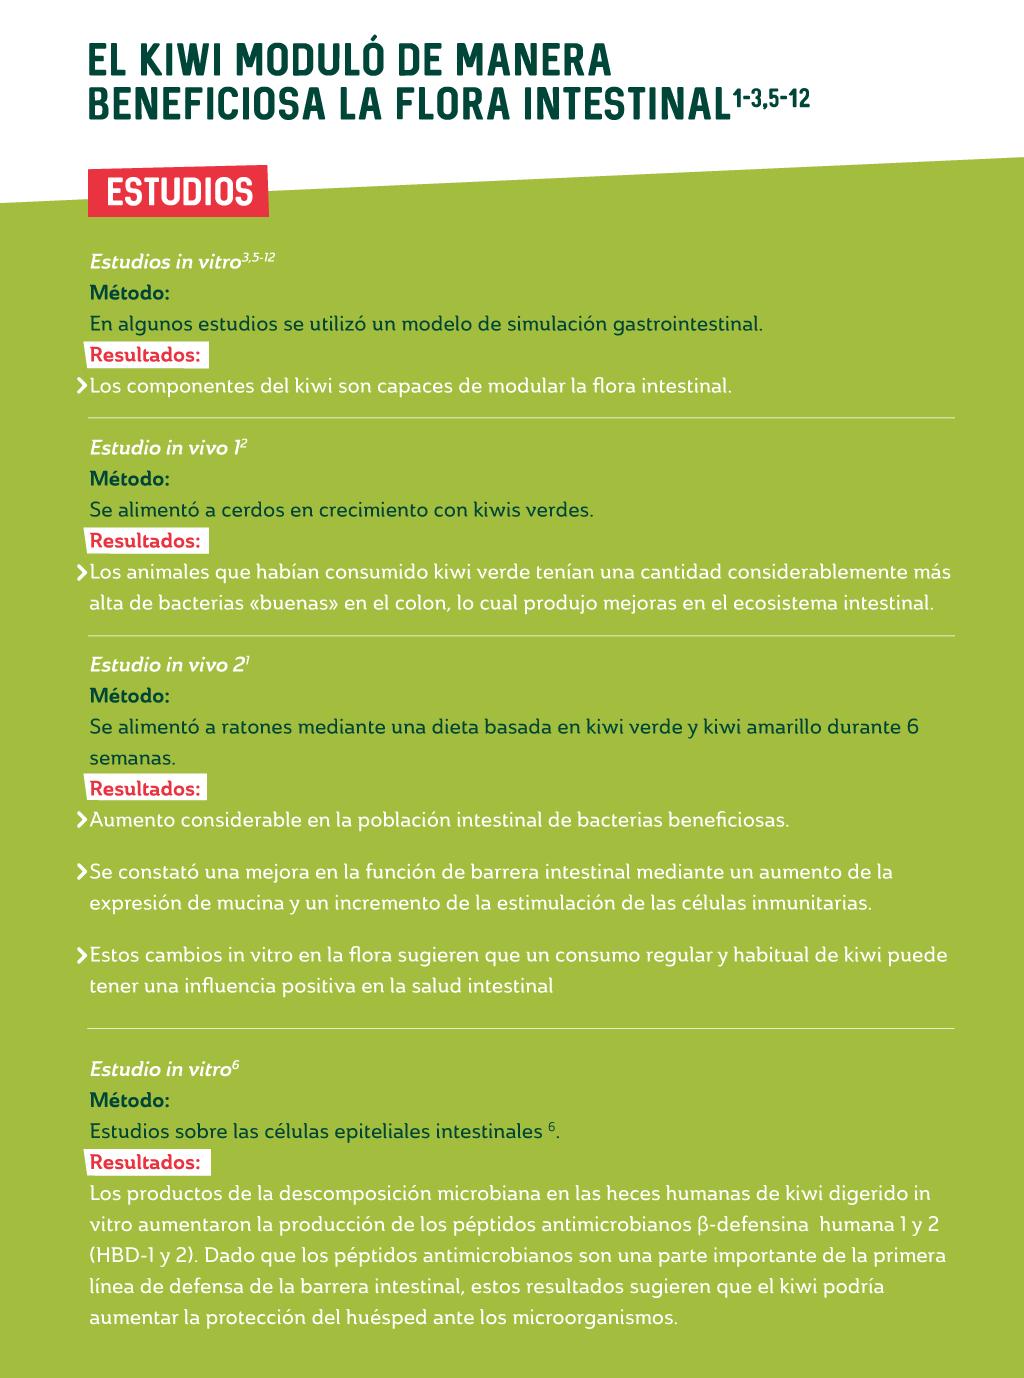 4.2.3-PREBIOTICS_ES.png